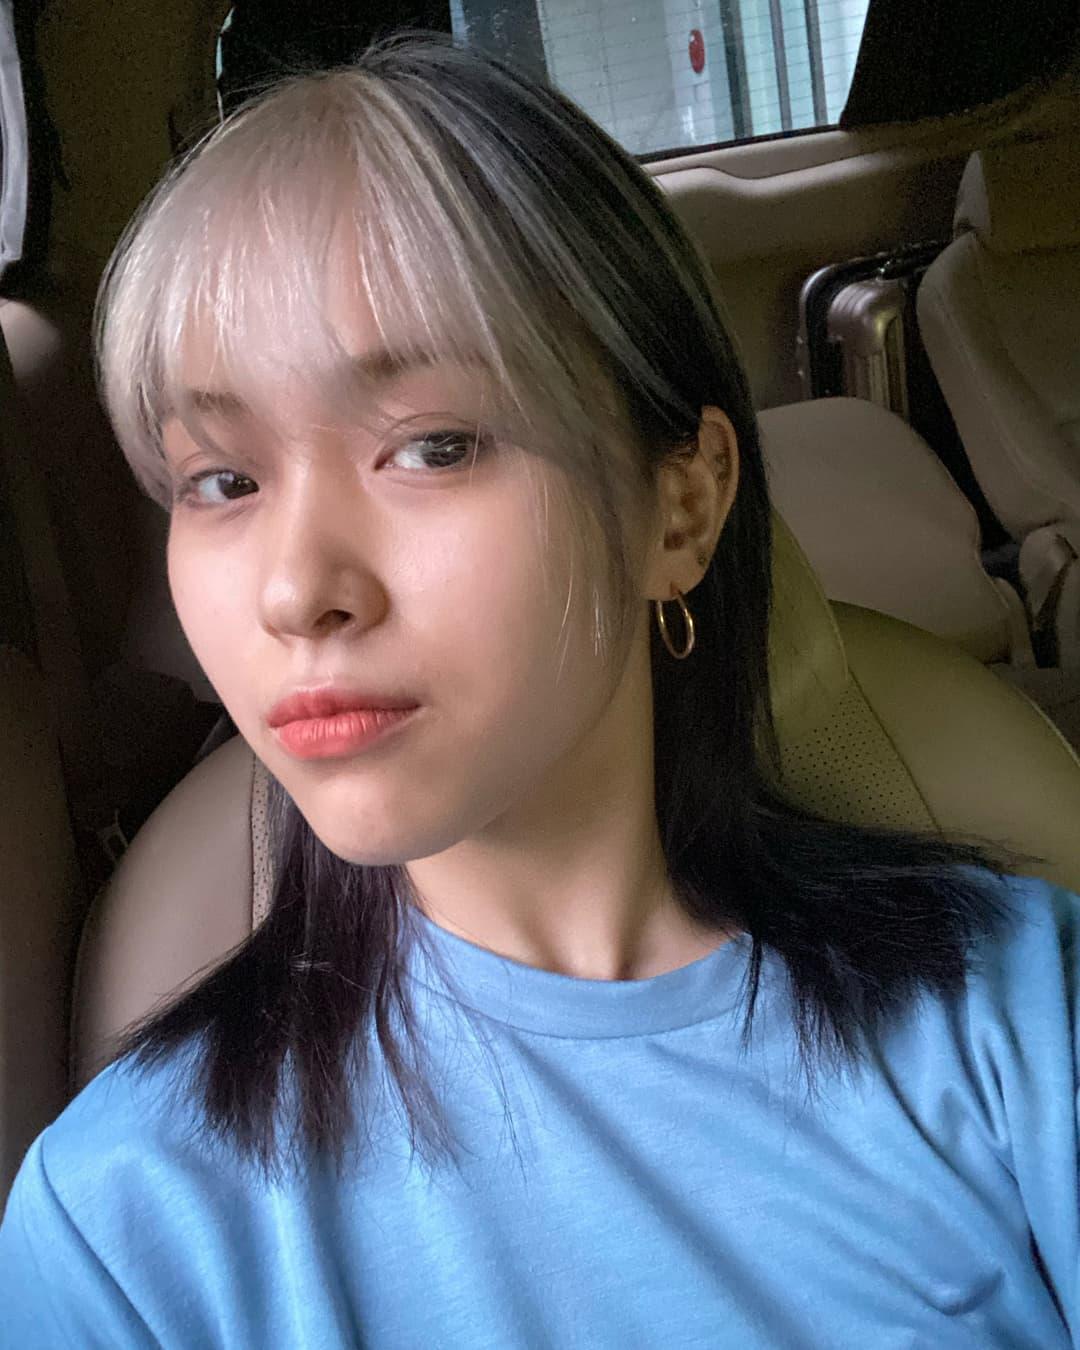 Nếu như Yeji tạo điểm nhấn ở phần mái, Ryu Jin lại táo bạo nhuộm ombre kiểu layer. Phần tóc trên đỉnh đầu của cô nàng tẩy nhuộm màu bạch kim, trong khi đó lớp tóc ở trong vẫn giữ tông nâu trầm. Ngoài Yeji, Ryu Jin cũng là thành viên thường xuyên được stylist ứng dụng rất nhiều lối tóc màu nổi phá cách.